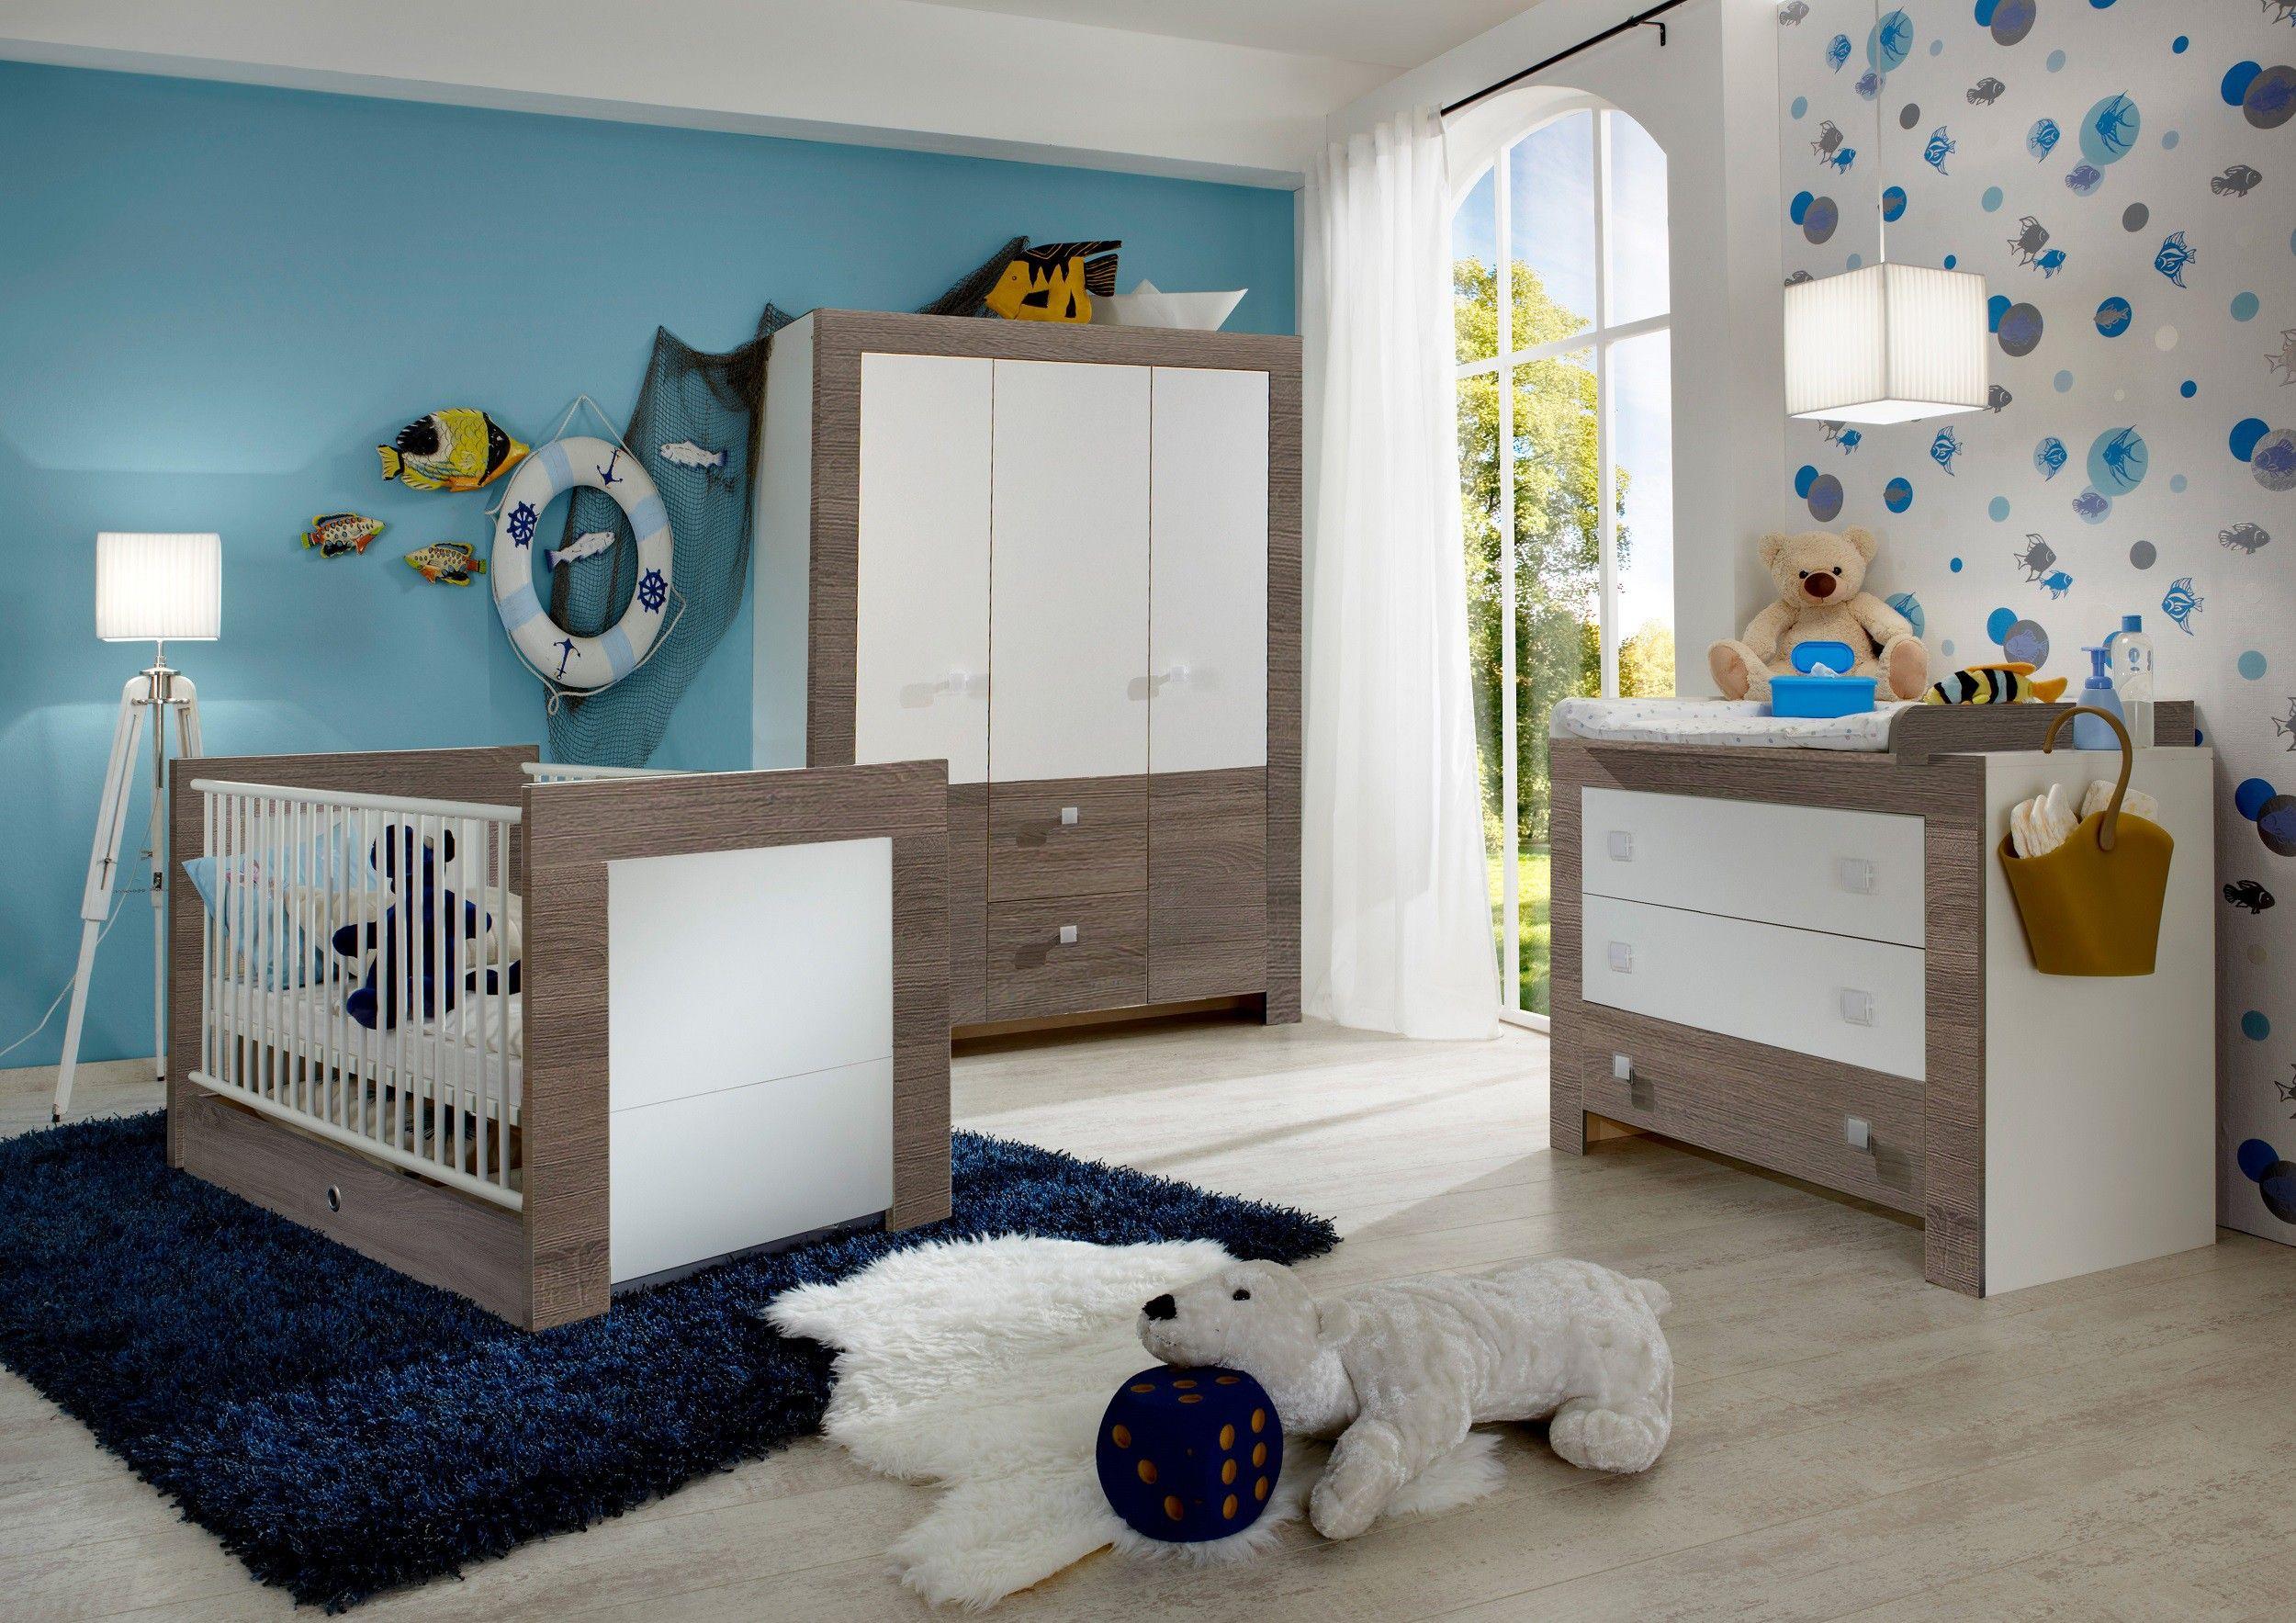 Babyzimmer Nussbaum ~ Kinderzimmer komplett set günstig minimalistisches haus design